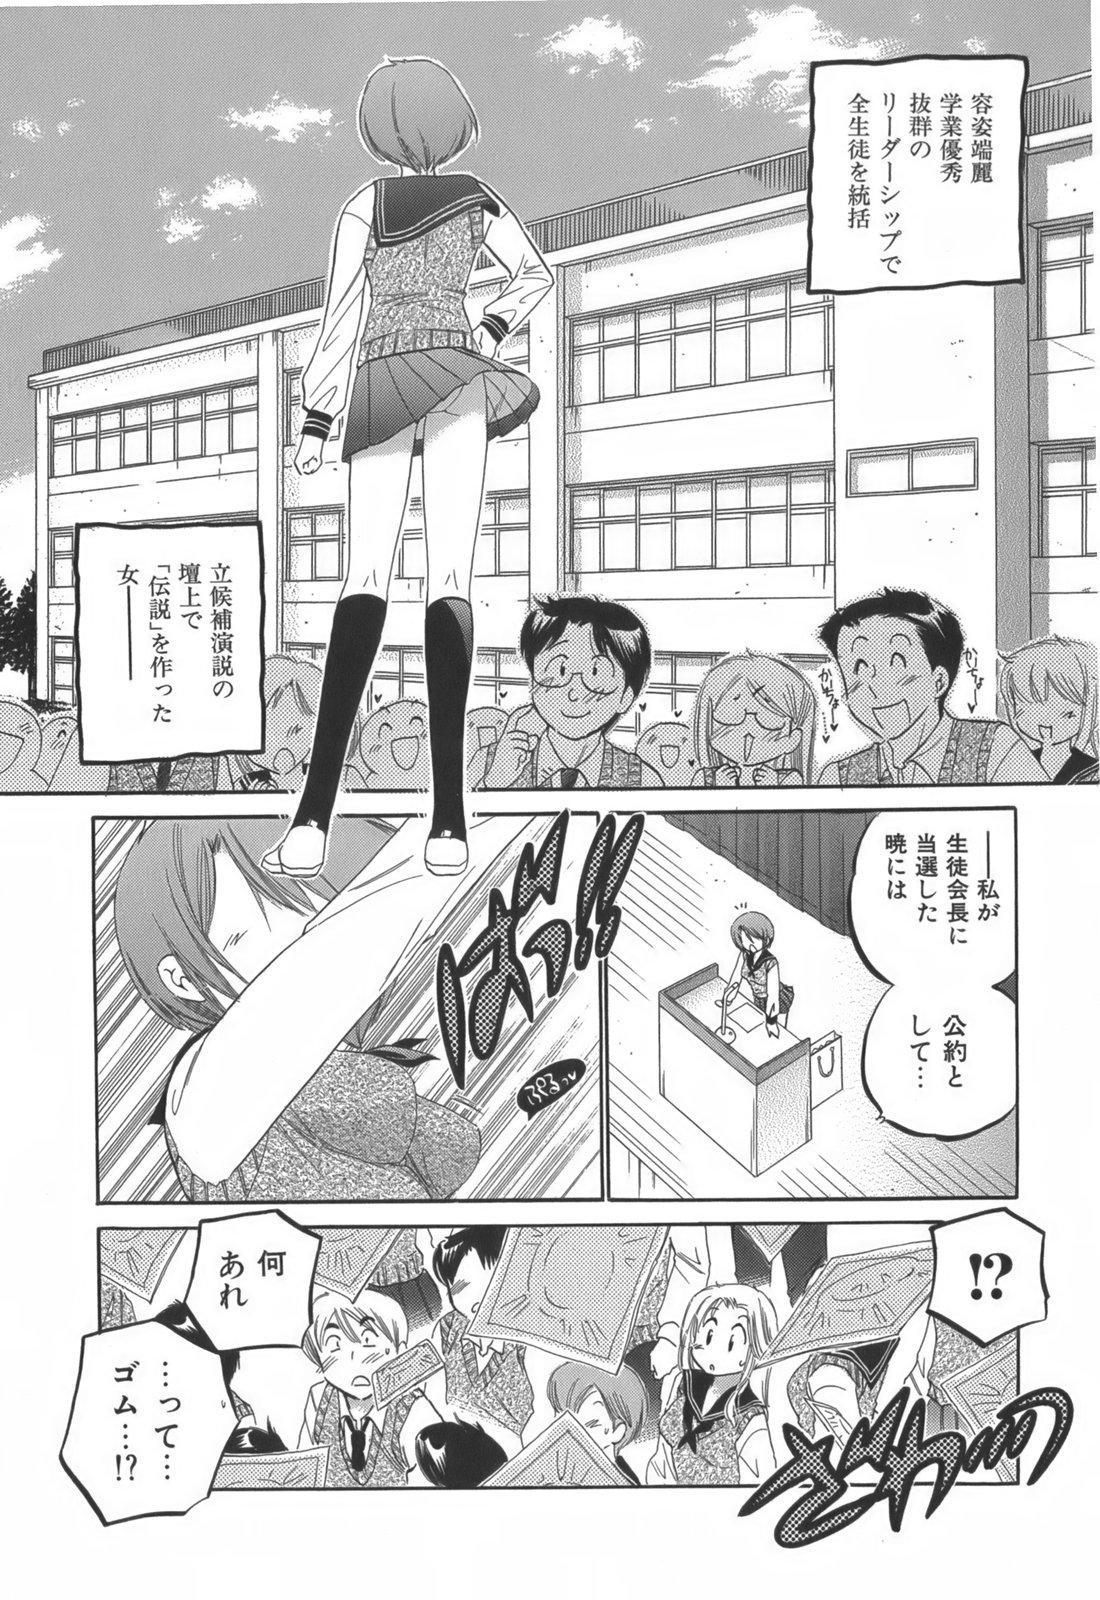 Okusama wa Seitokaichou 5